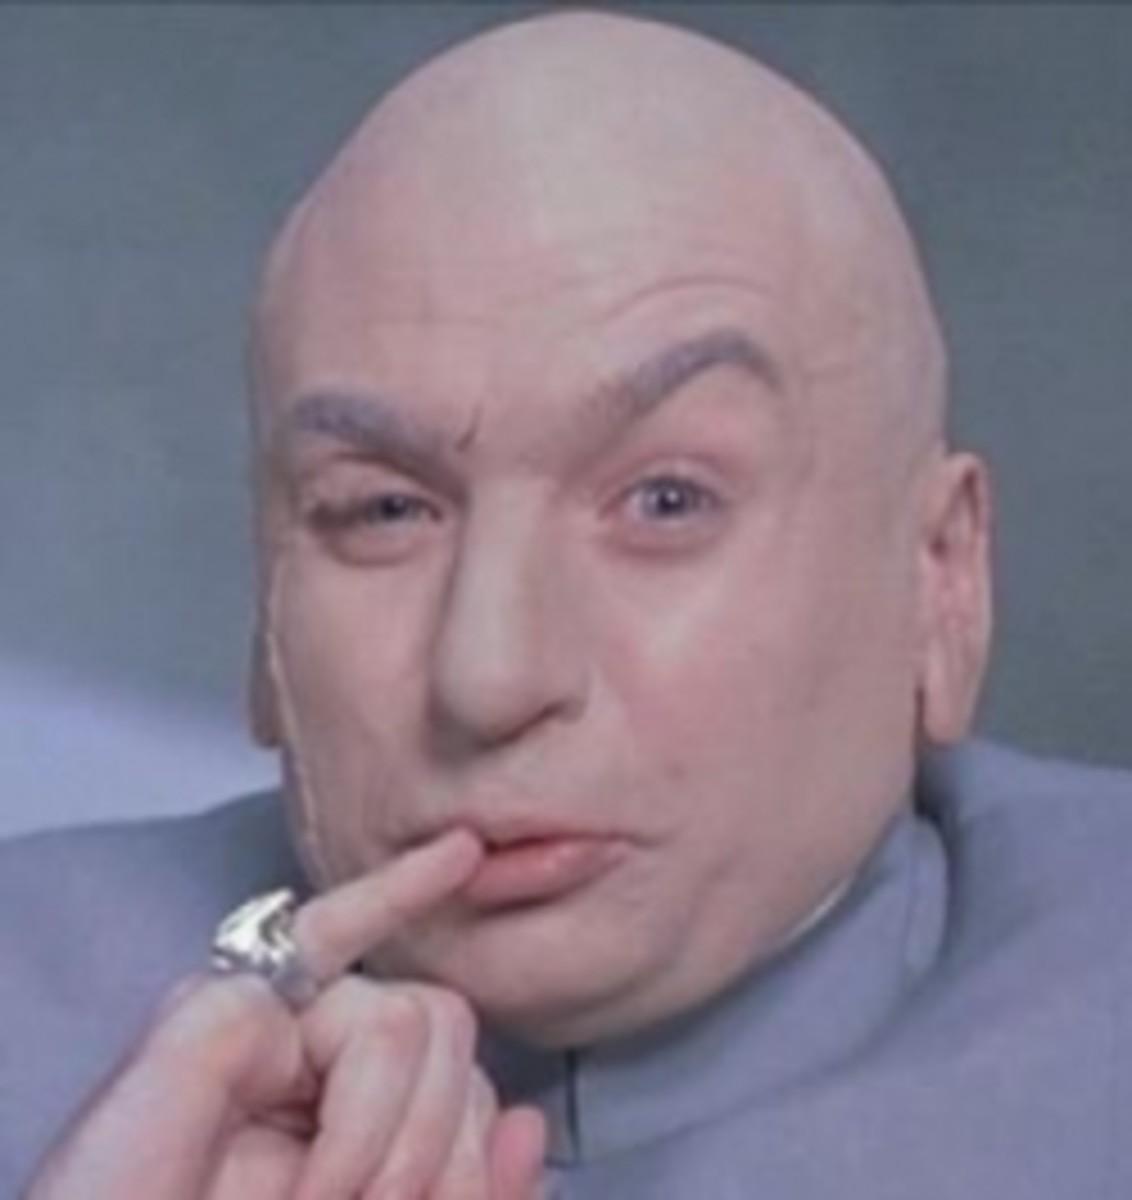 Austin Powers nemisis Dr. Evil